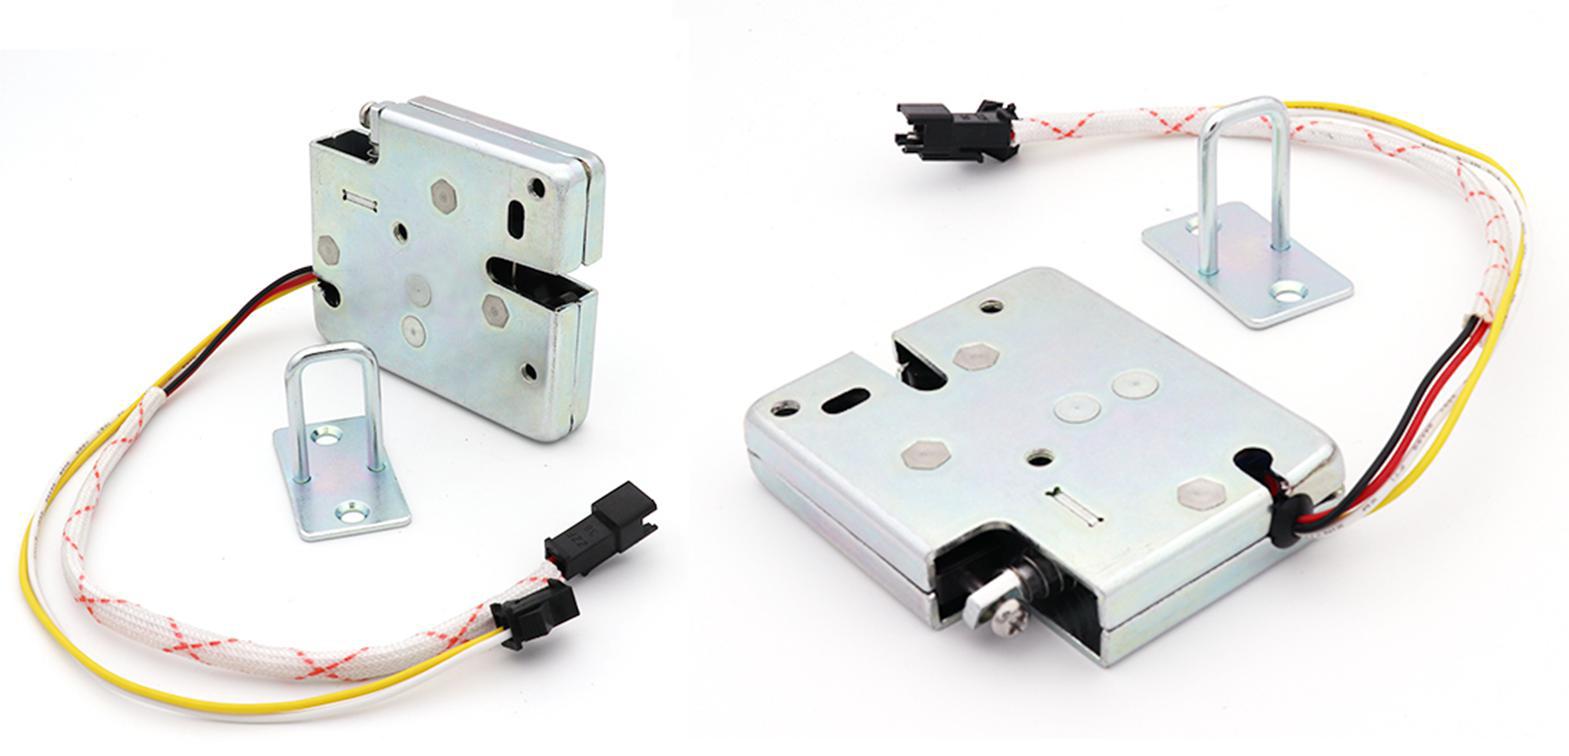 Electromagnetic Locks MK760-001